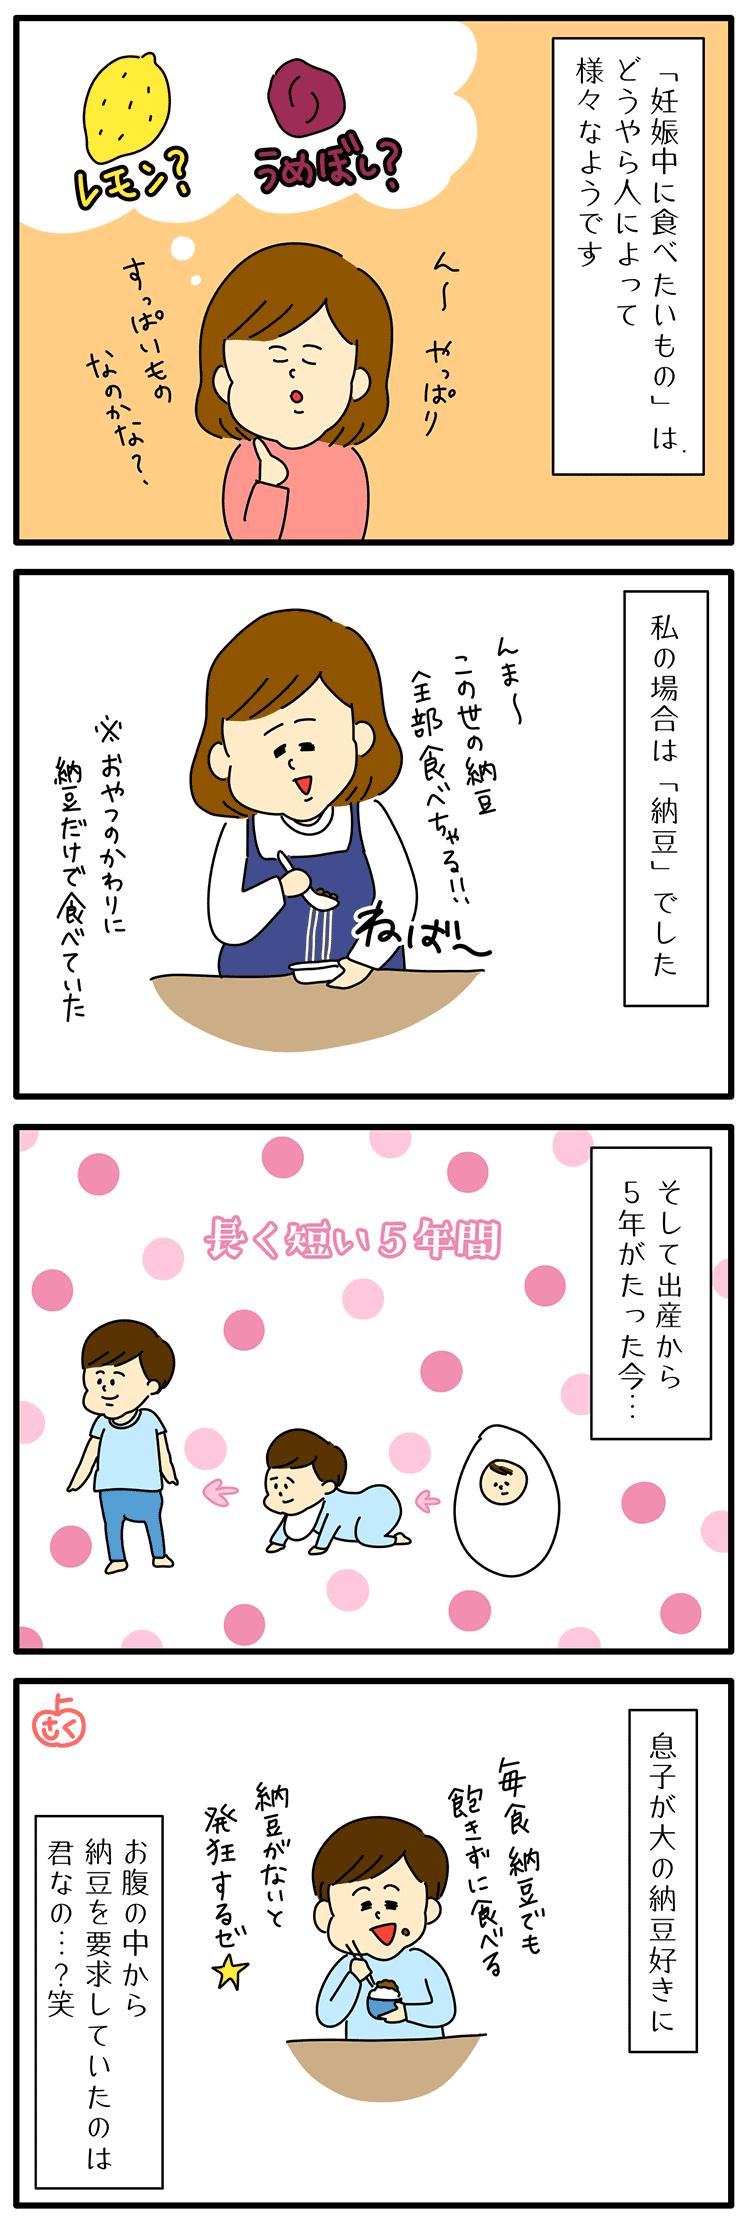 妊娠中に食べたいものについての永岡さくら(saku)子育て4コマ漫画